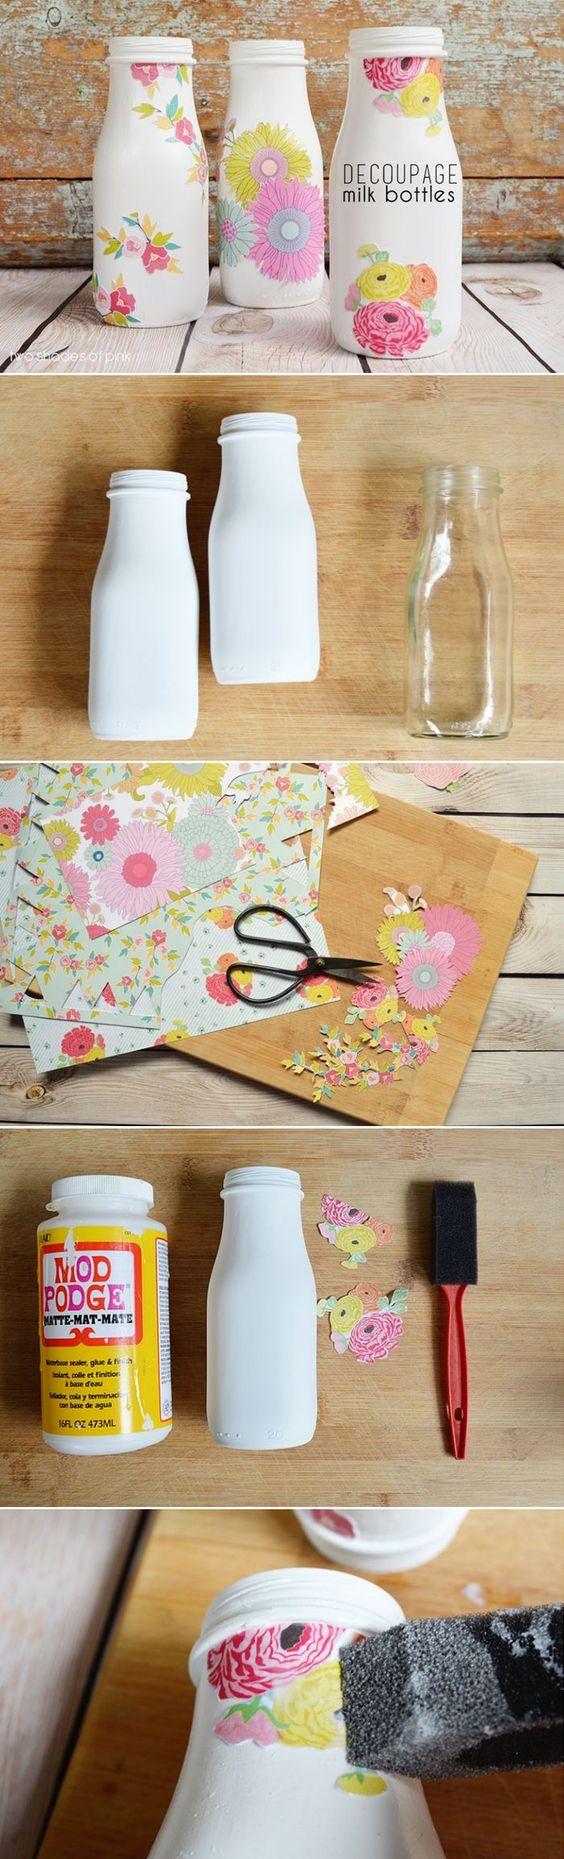 serviettage-découpage-bottiglia-vetro-tovagliolo-carta-motivi-floreali-decorare-vaso-di-fiori-diy